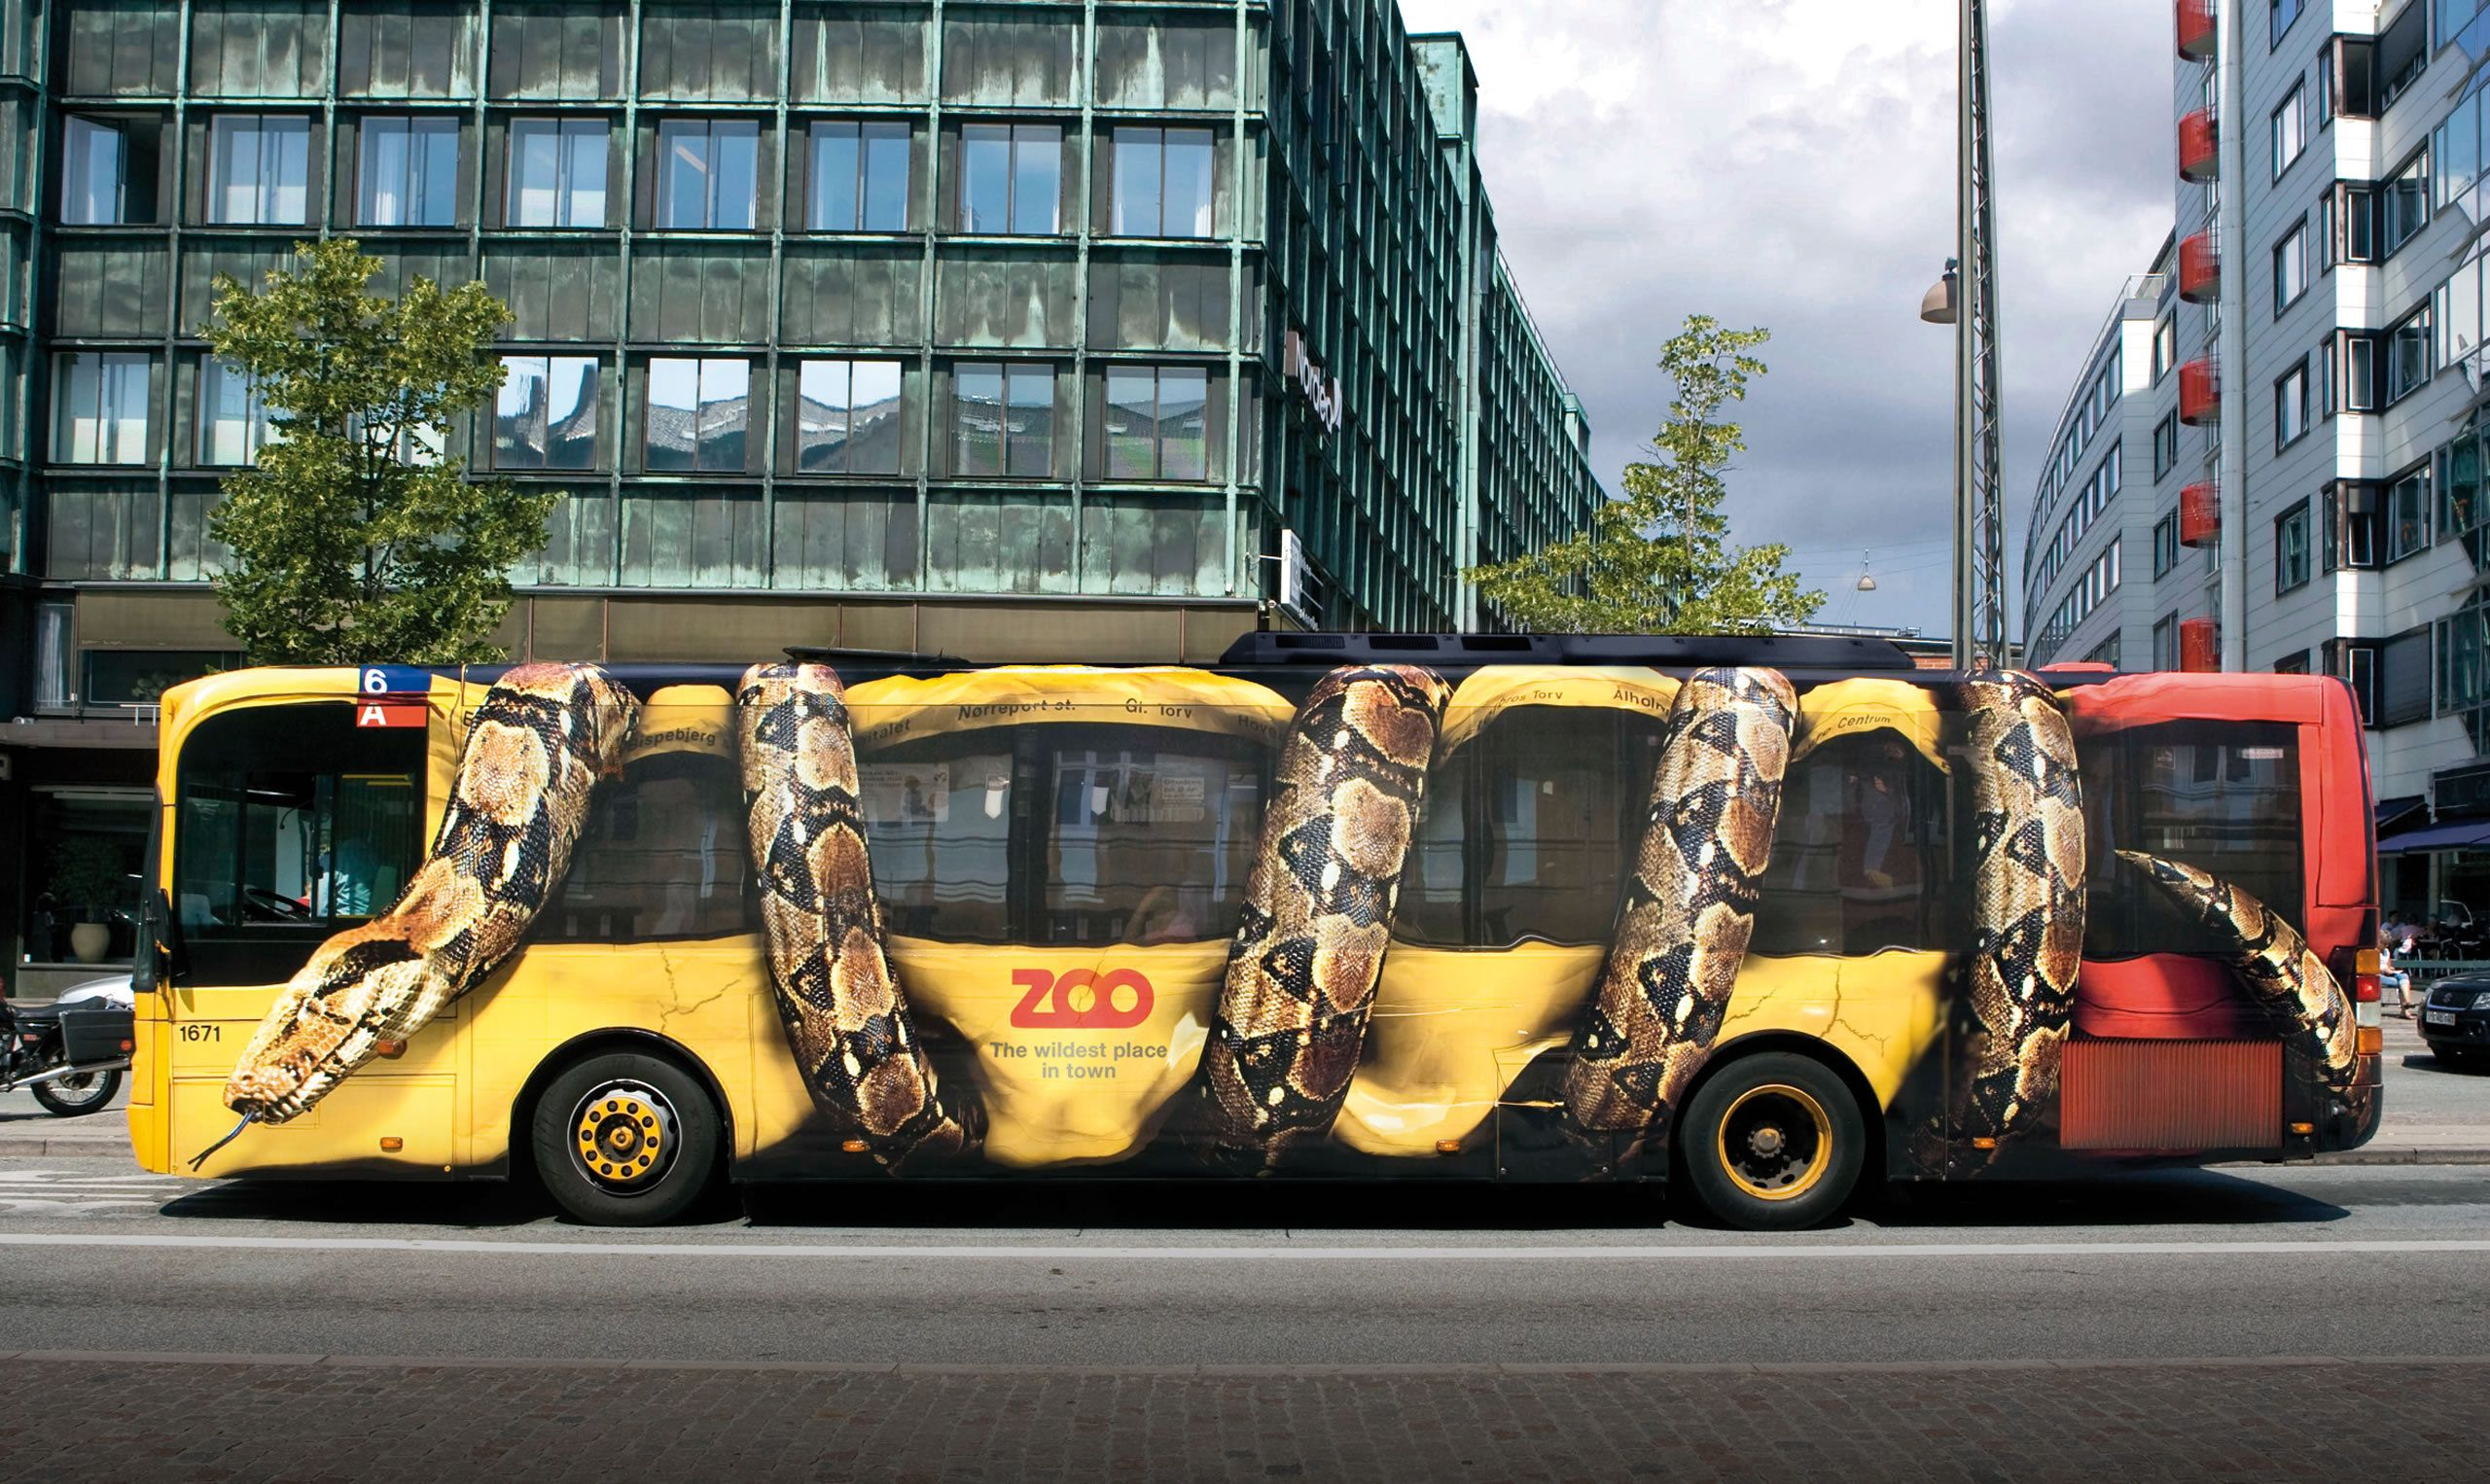 Advertisement for the Copenhagen Zoo (Peder Schack - Bates Y&R)